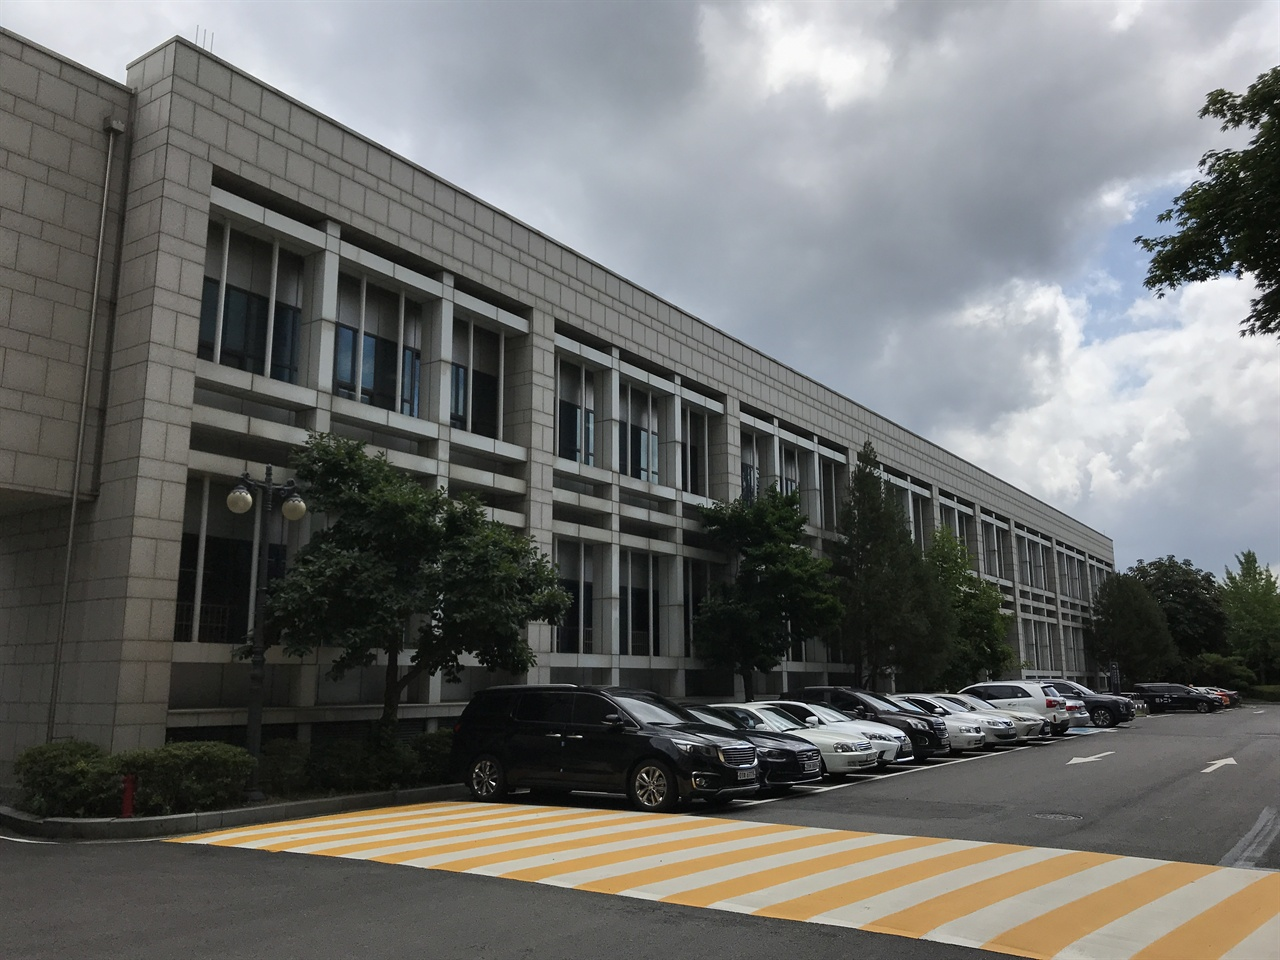 국립중앙도서관 자료보존관 2000년에 완공된 국립중앙도서관의 자료보존관. 국립도서관 초대 부관장 박봉석을 기려 '용재관'으로 명명하려 했던 건물이다.